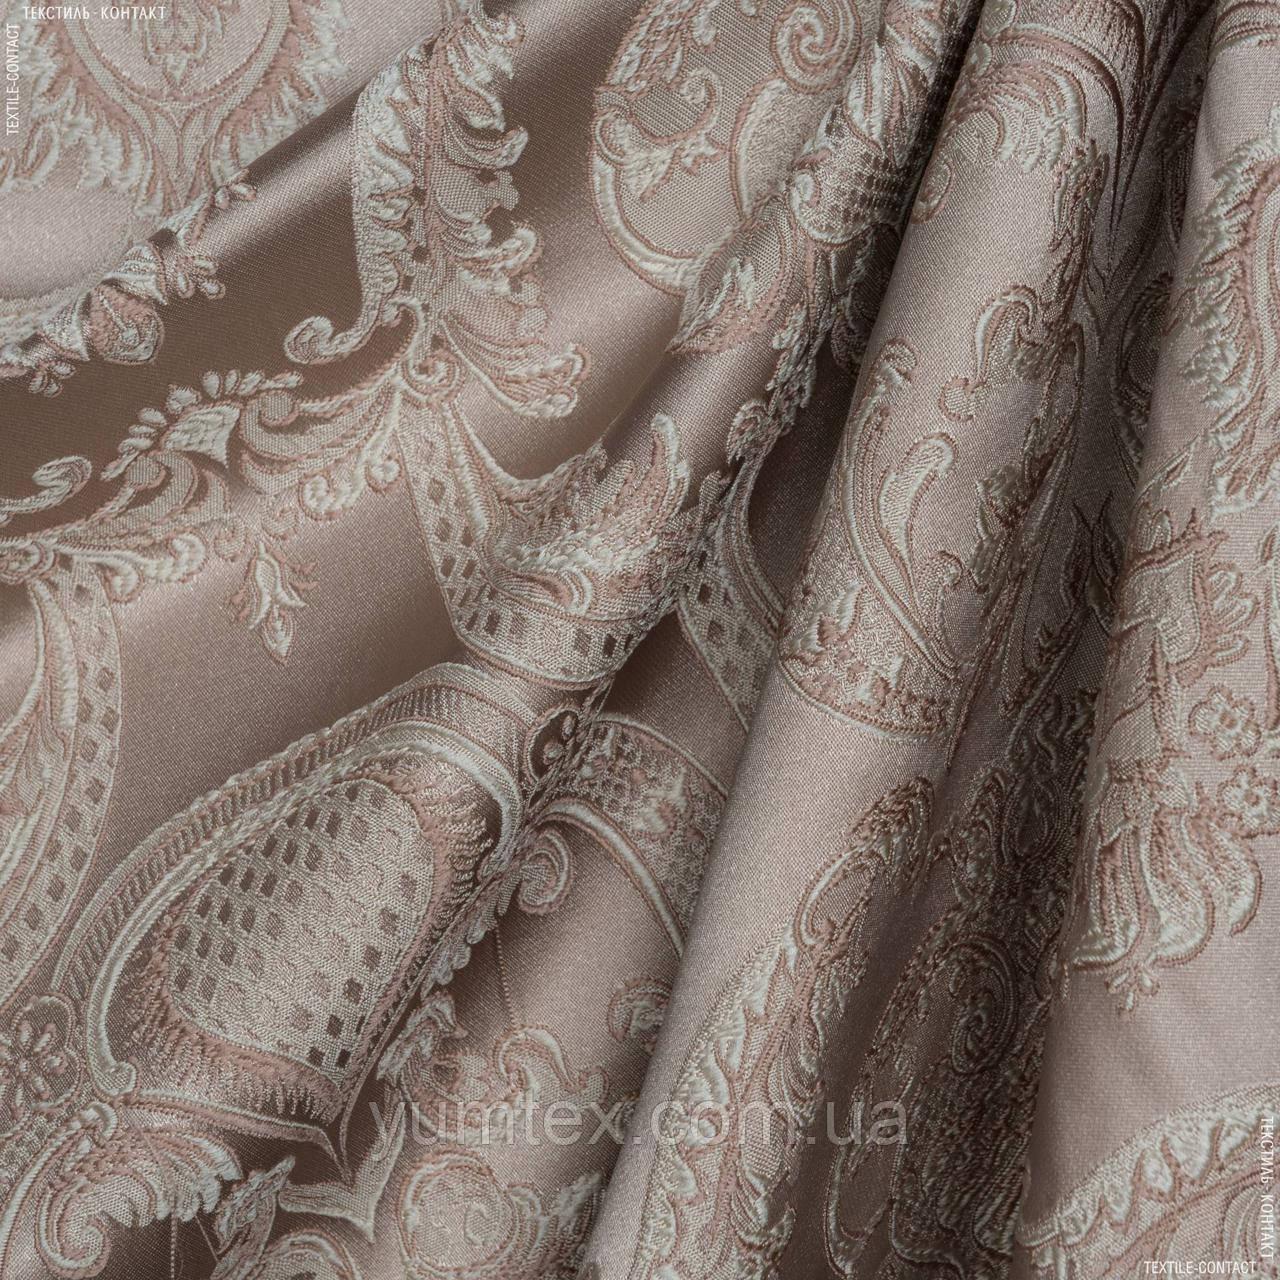 Декоративная ткань (купон) астория  св.беж 138146